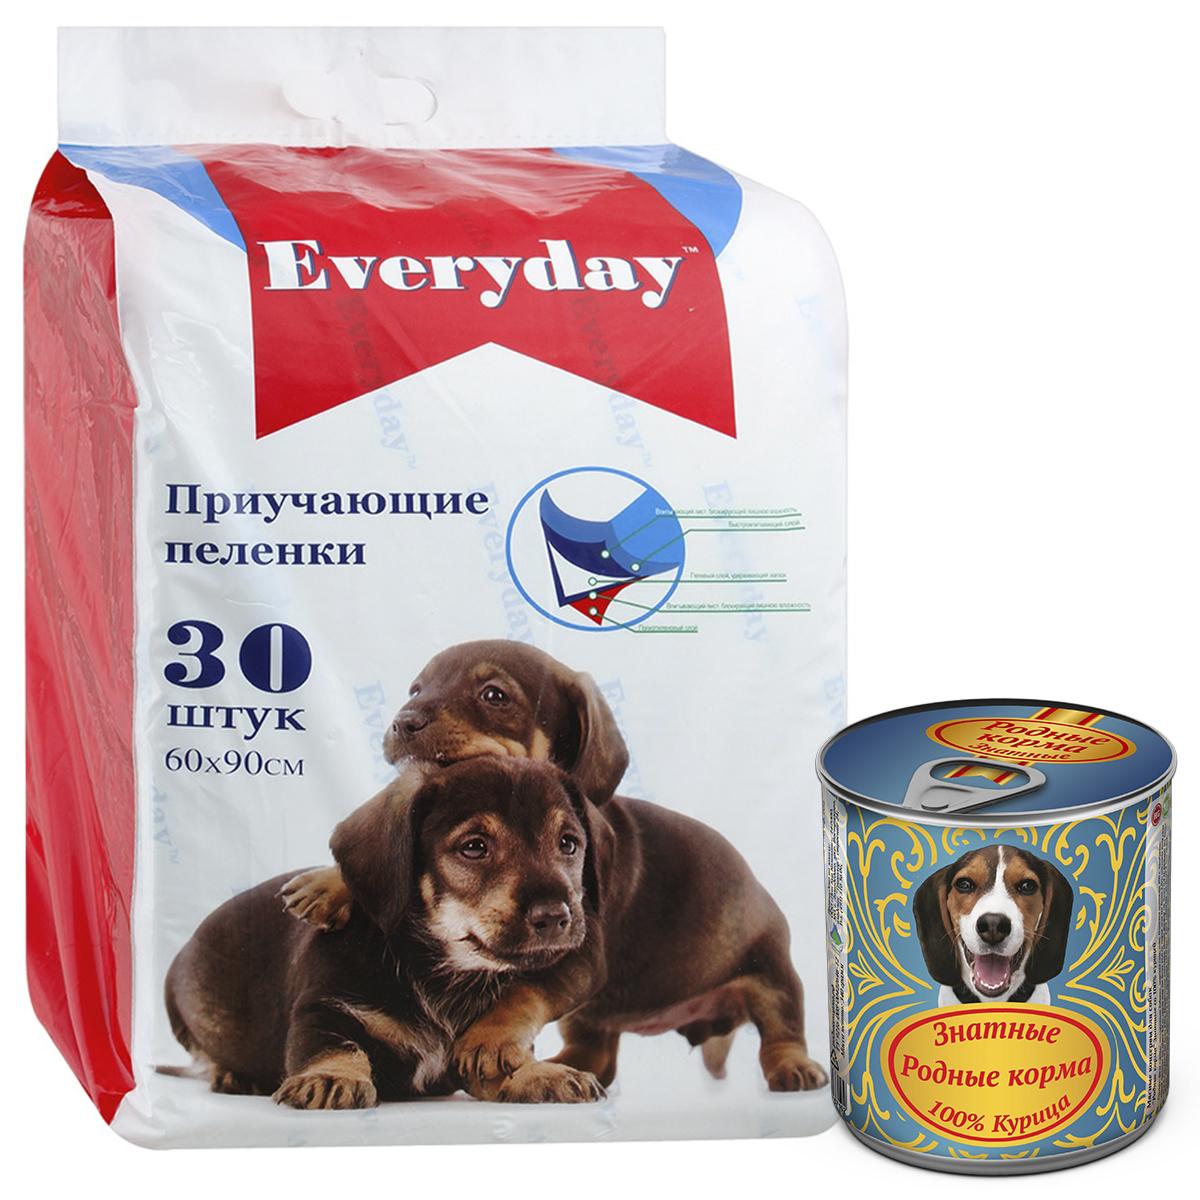 Пеленки для животных Everyday, впитывающие, гелевые, 60 х 90 см, 30 шт + ПОДАРОК: Консервы для собак Родные корма Знатные, 100 % Курица, 340 г65426Пелёнки для животных Everyday имеют ненавязчивый привлекающий аромат. Содержат специальный гель внутри впитывающего слоя, что позволяет продлить срок использования гигиенического изделия. Размер: 60 х 90 см.+ ПОДАРОК: Консервы для собак Родные корма Знатные, изготовлены из курицы. Объем консервов: 340 г.